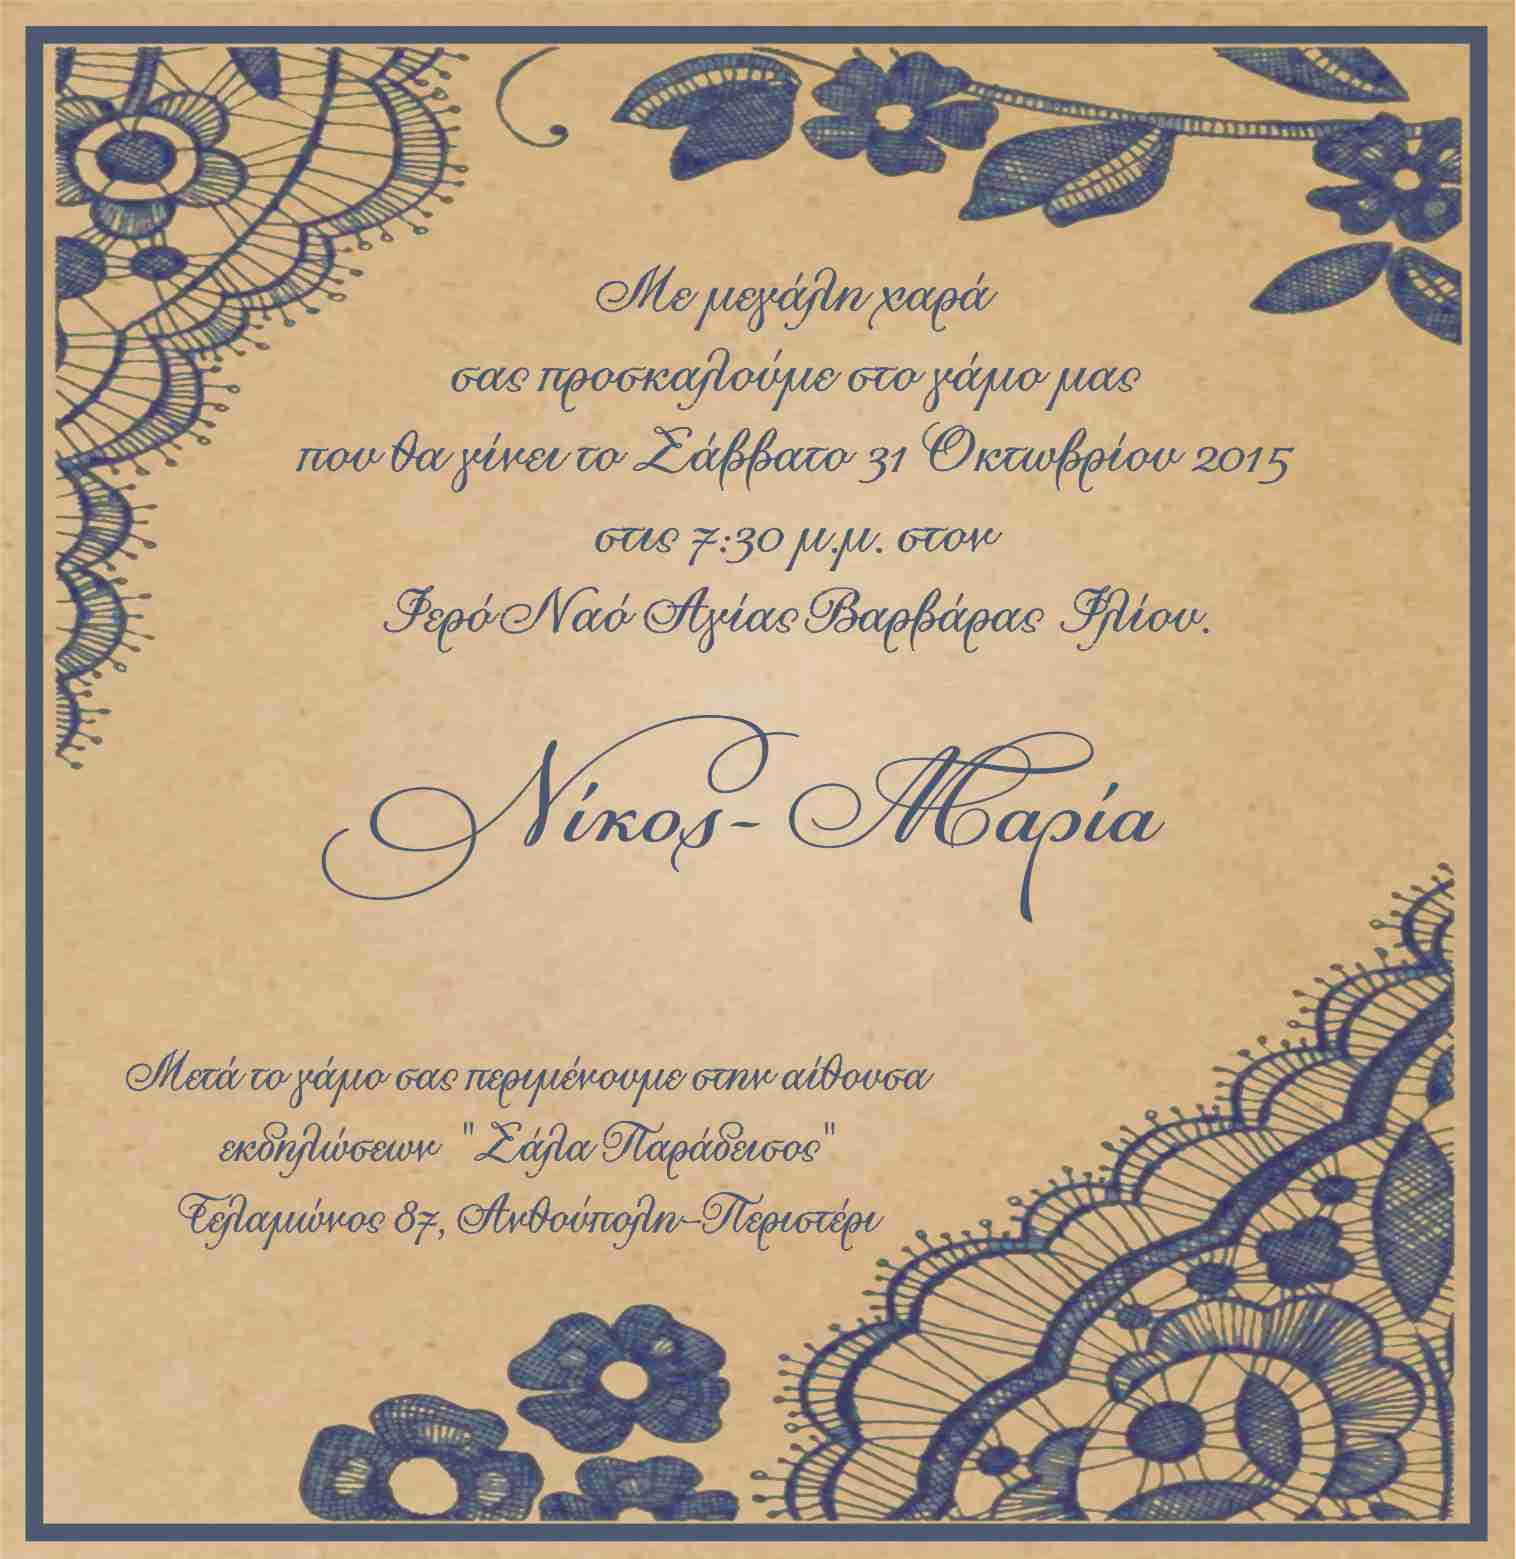 Προσκλητήριο γάμου ρομαντικό και κλασσικό με δαντέλα σε όποιο χρώμα θέλετε 98